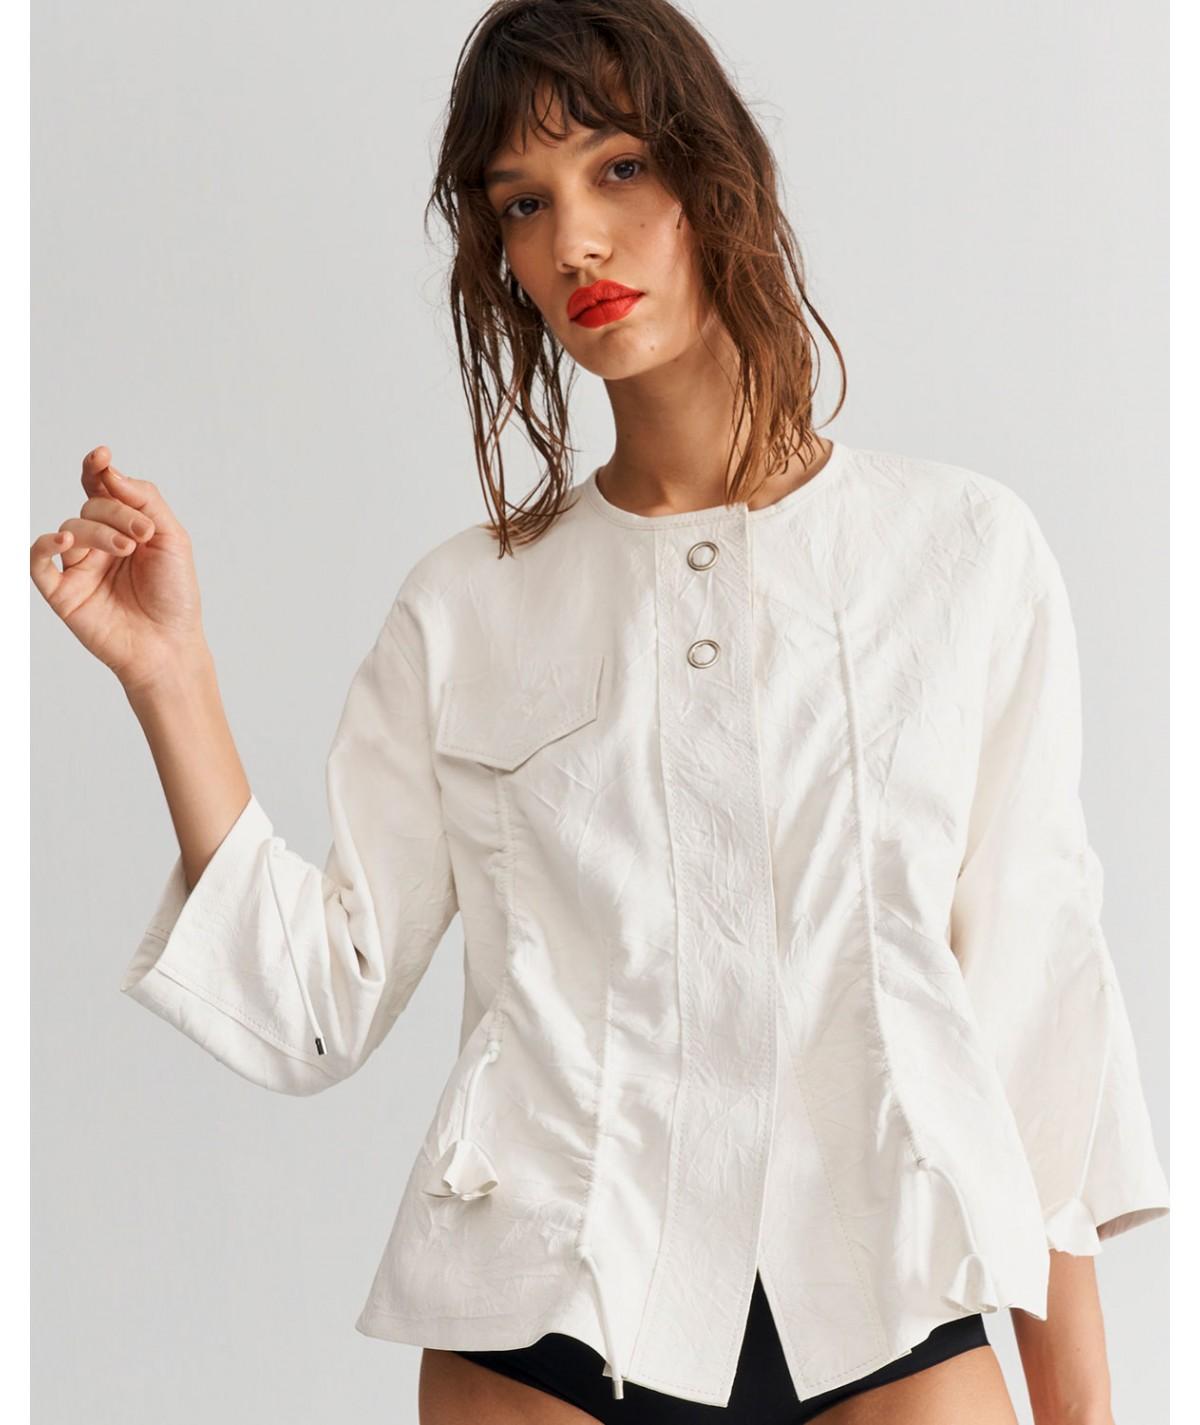 Briviba Deri Bluz